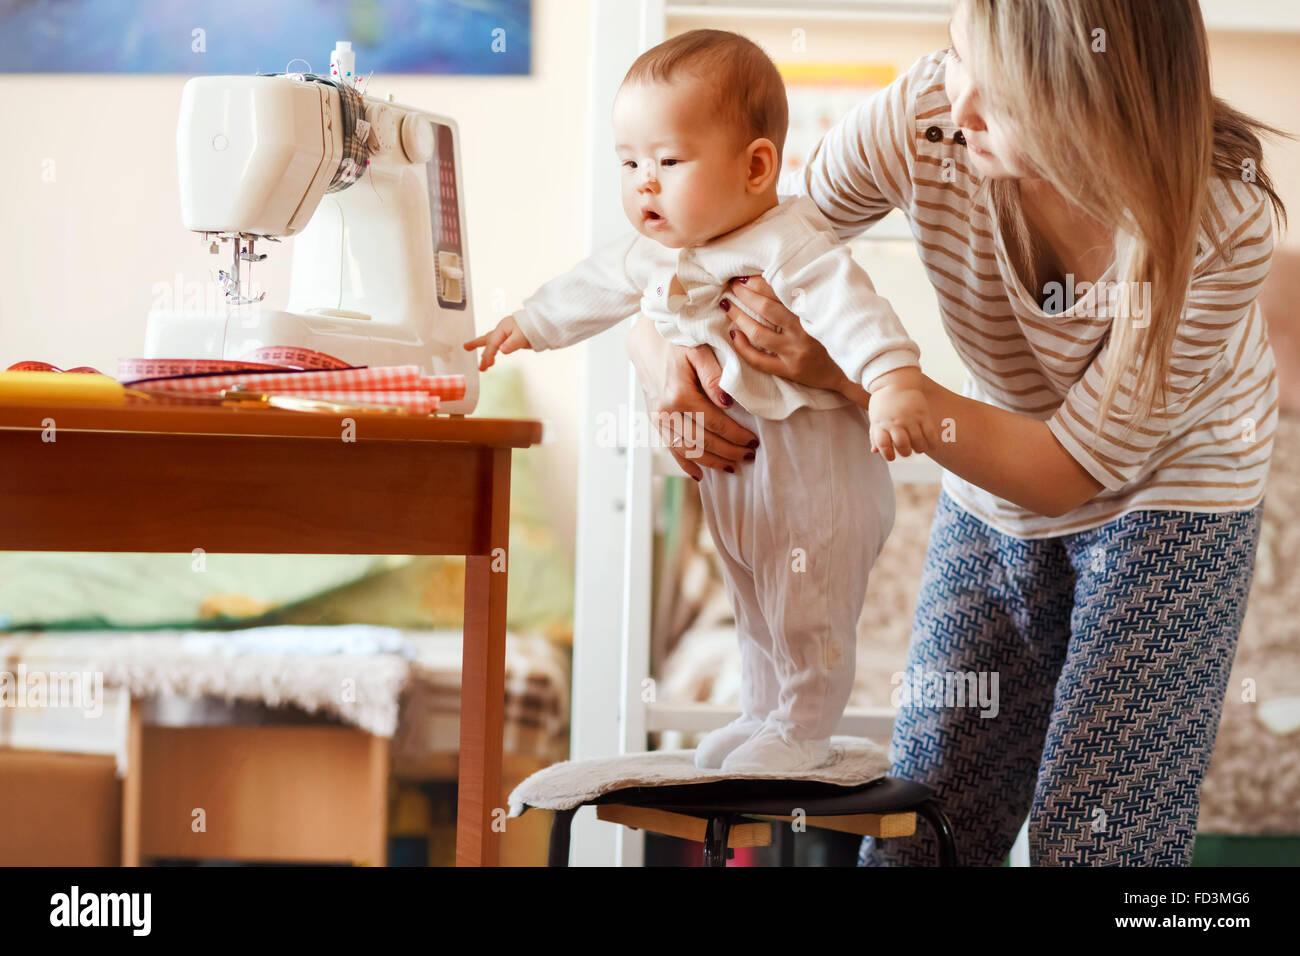 La madre e il neonato, home, il bambino primi passi, luce naturale. Prodotti per la cura del bambino combinato con Immagini Stock